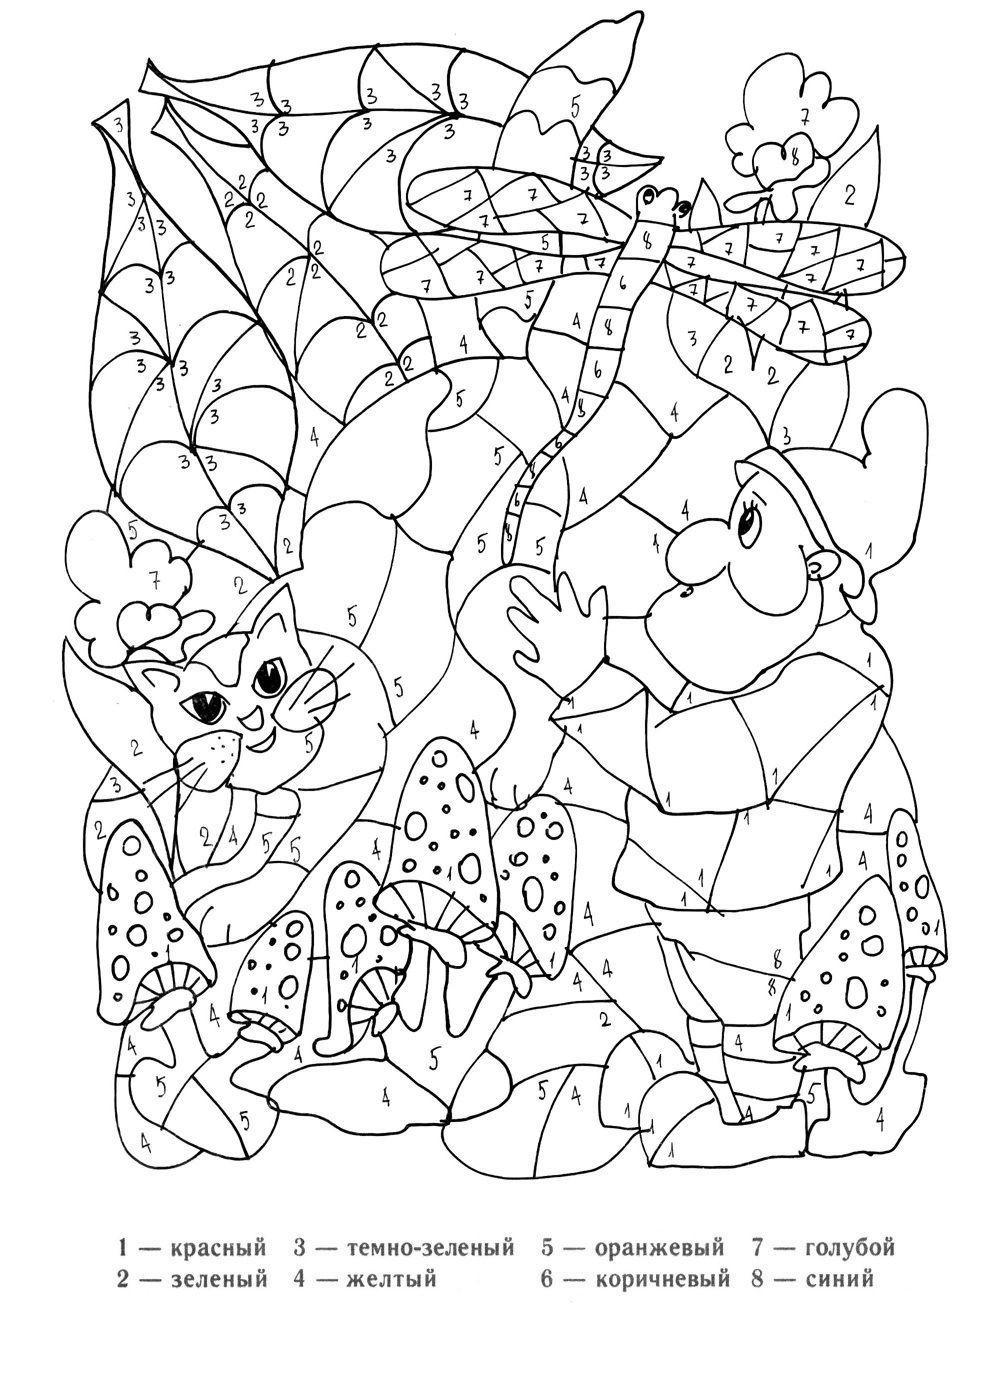 Раскраска для детей по цифрам онлайн